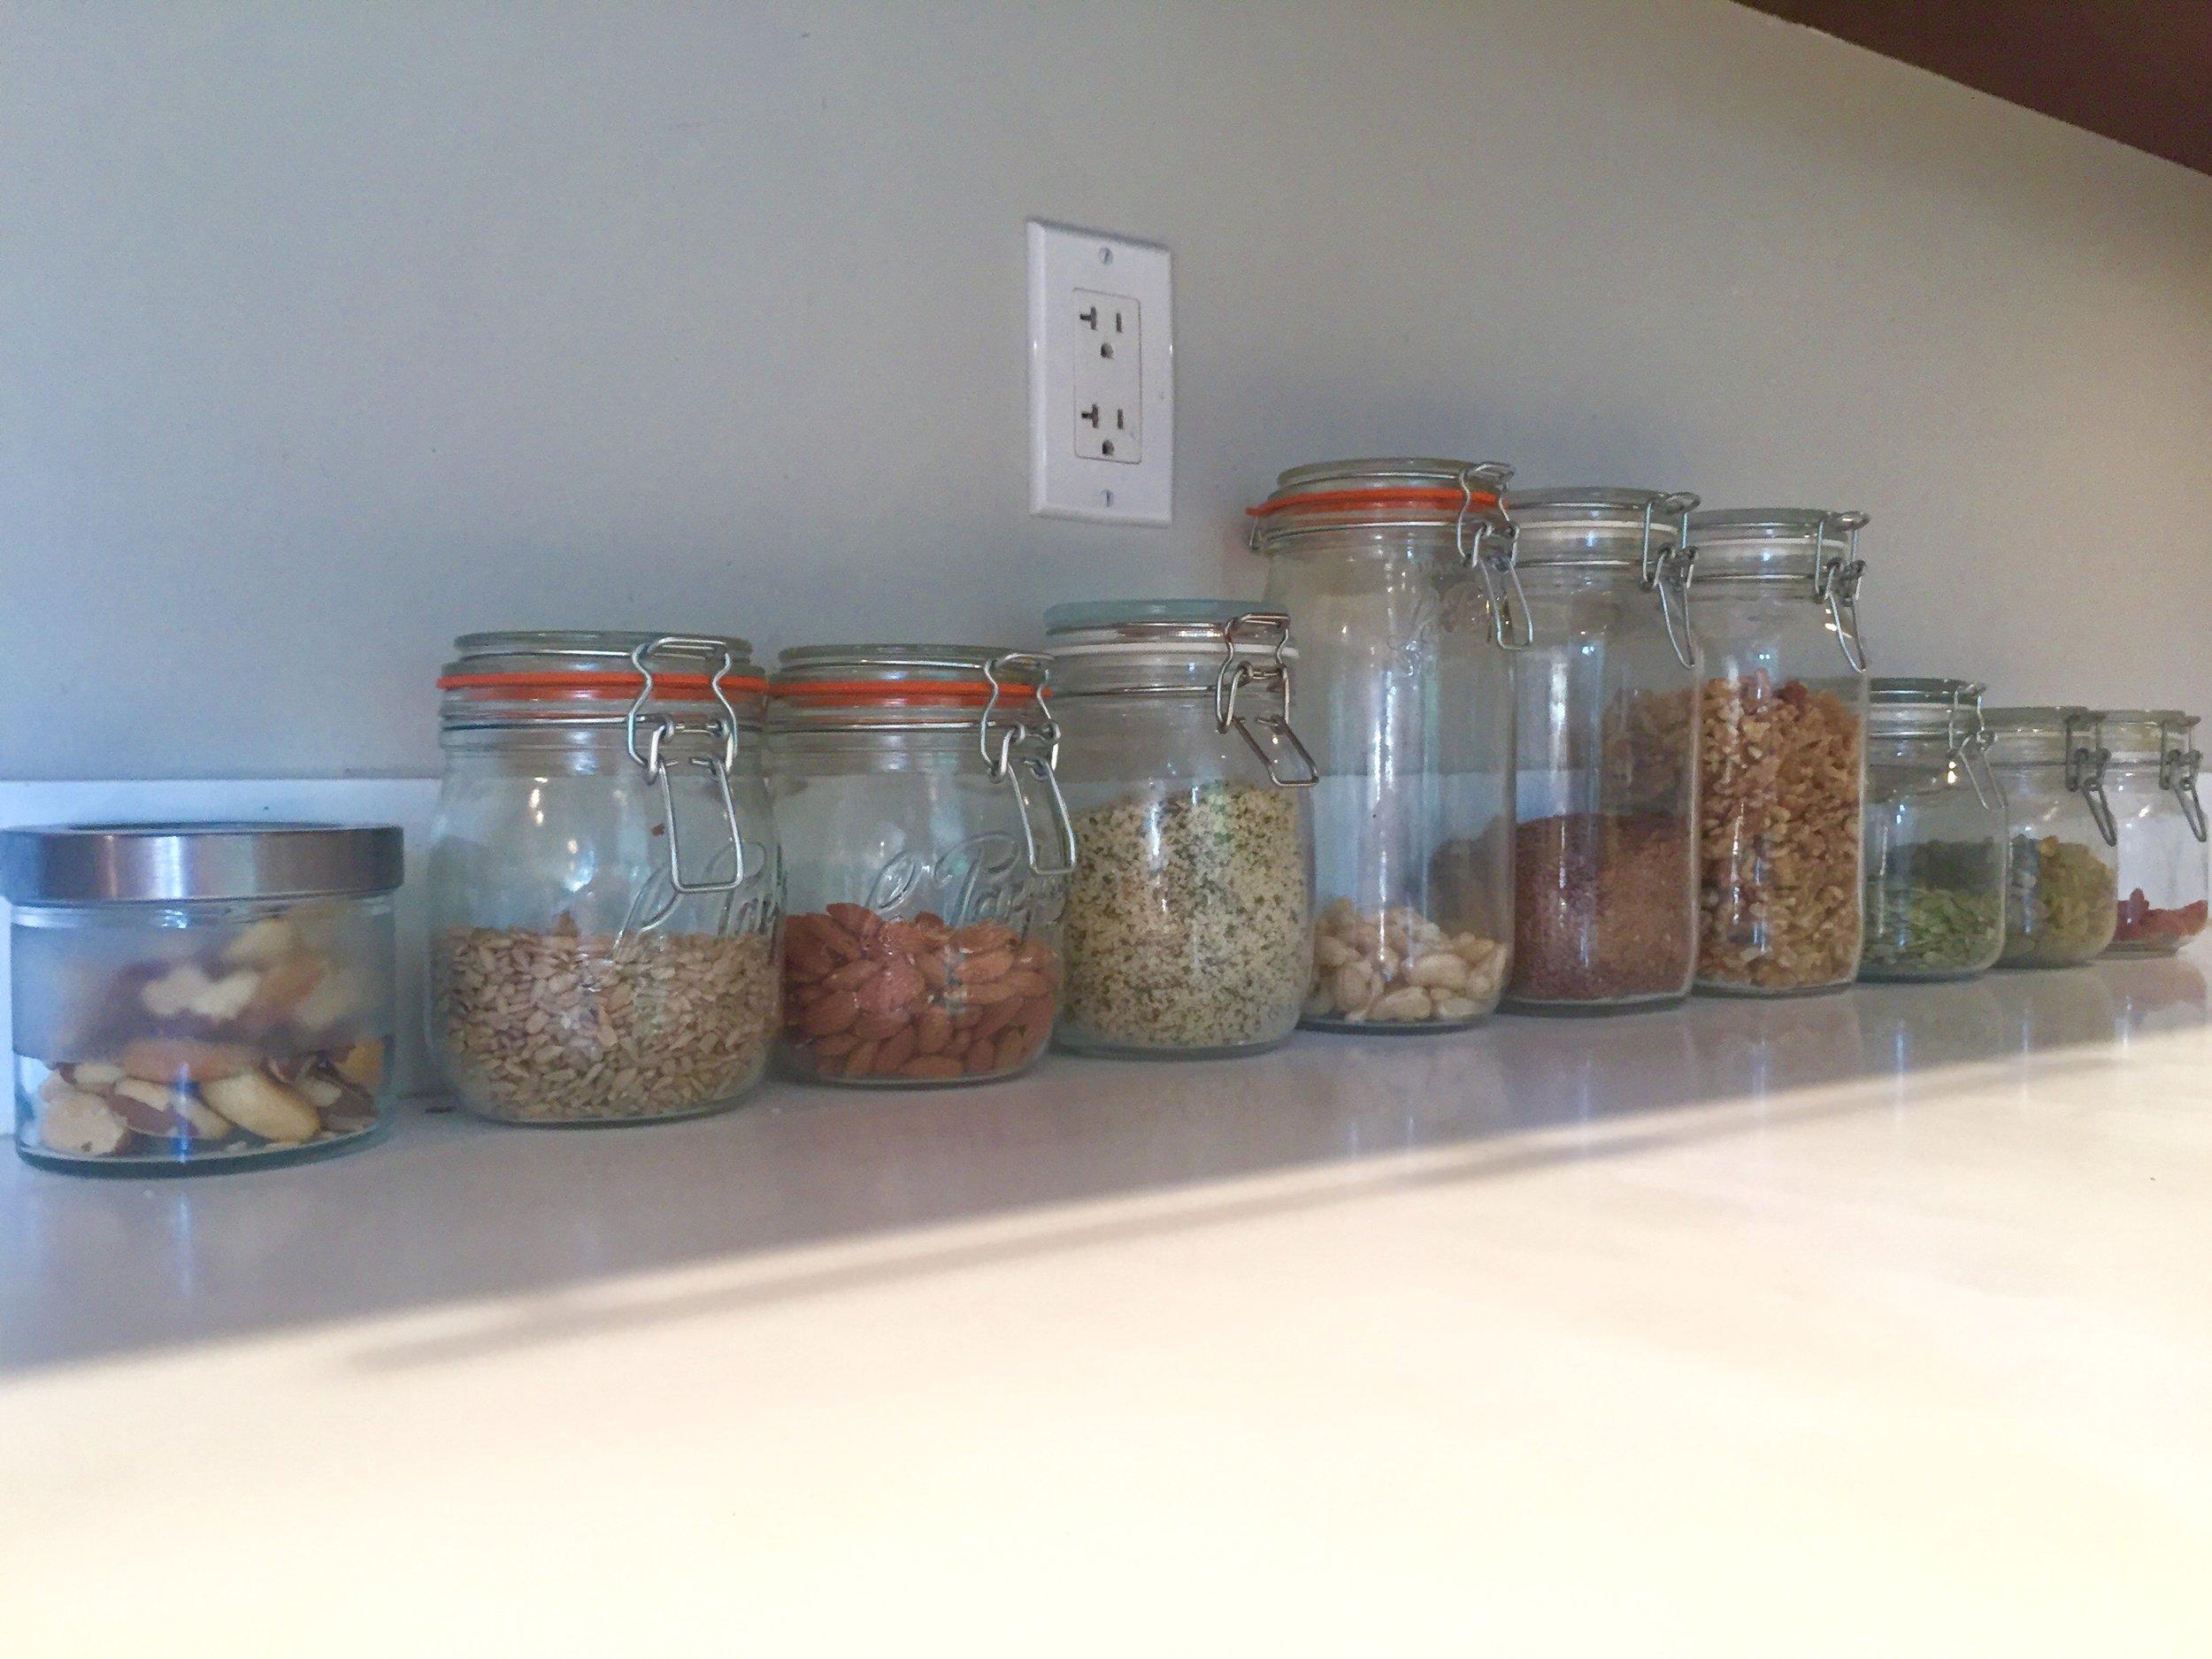 L-R: brazil nuts, sunflower seeds, almonds, hemp seeds, cashews, flax seeds, walnuts, pumpkin seeds, pistachios, goji berries.